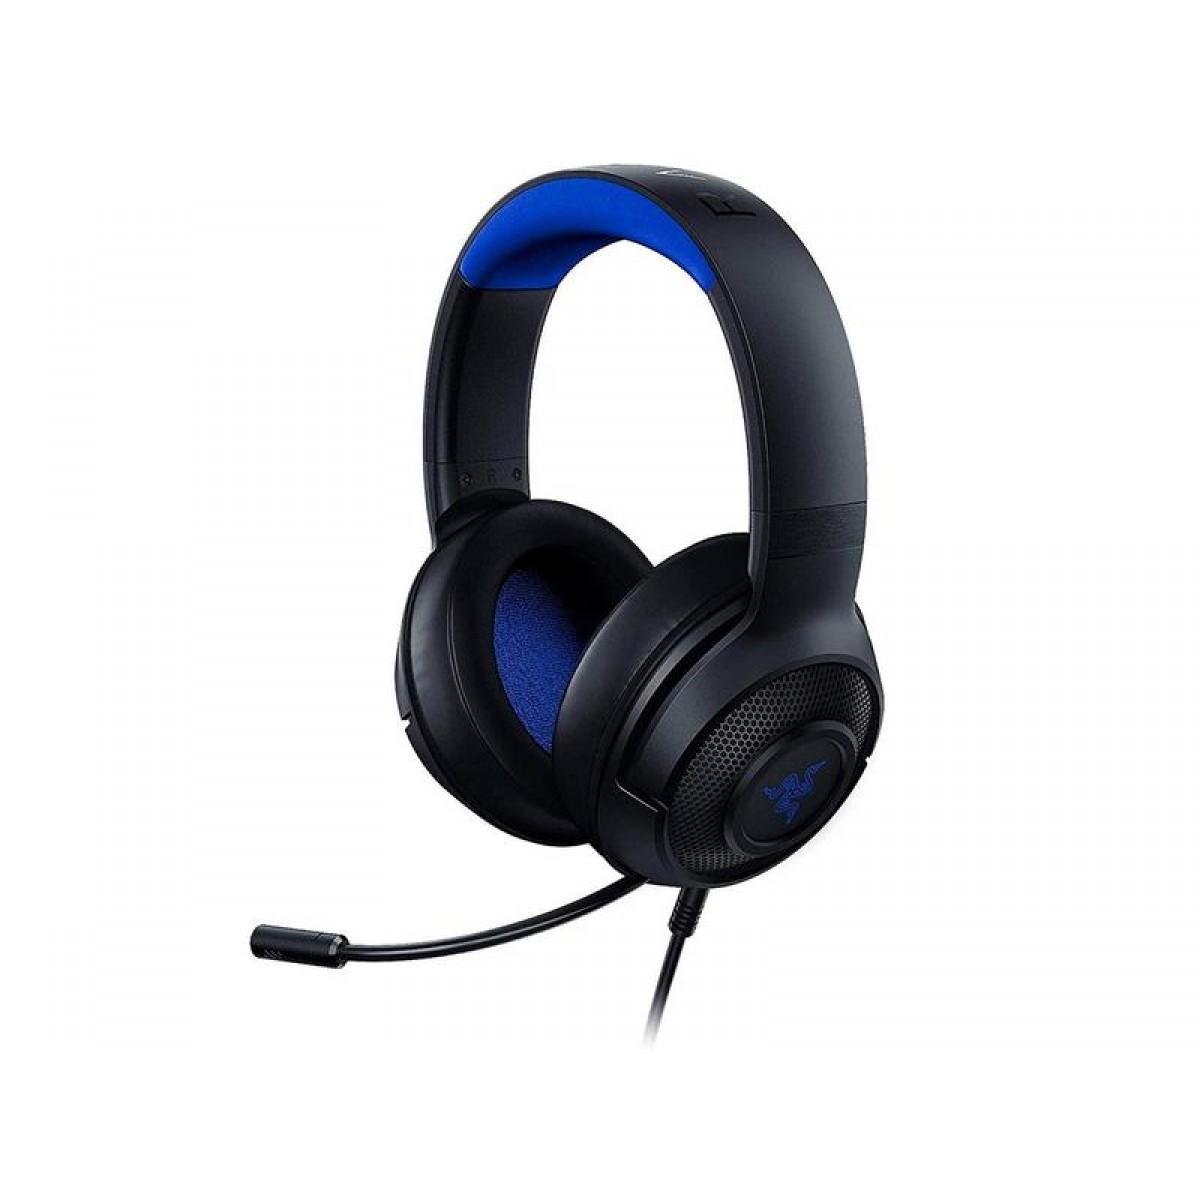 Headset Gamer Razer Kraken X, Ps4/Xbox One/Switch/Pc, Preto/Azul - RZ.AU.KR.07.RT